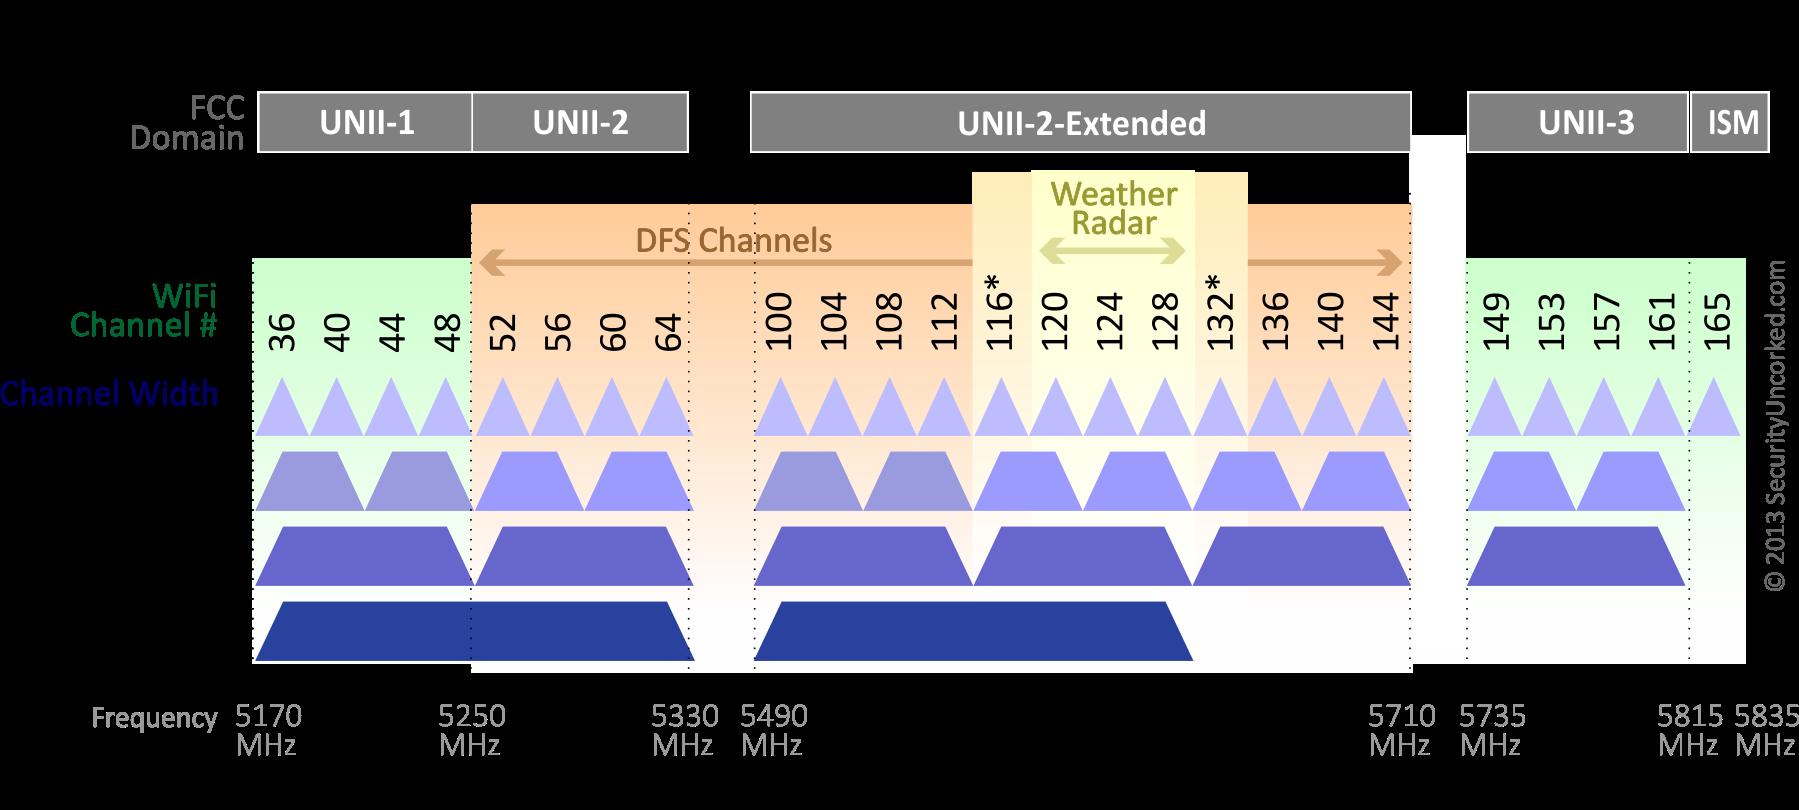 WiFi channel allocation